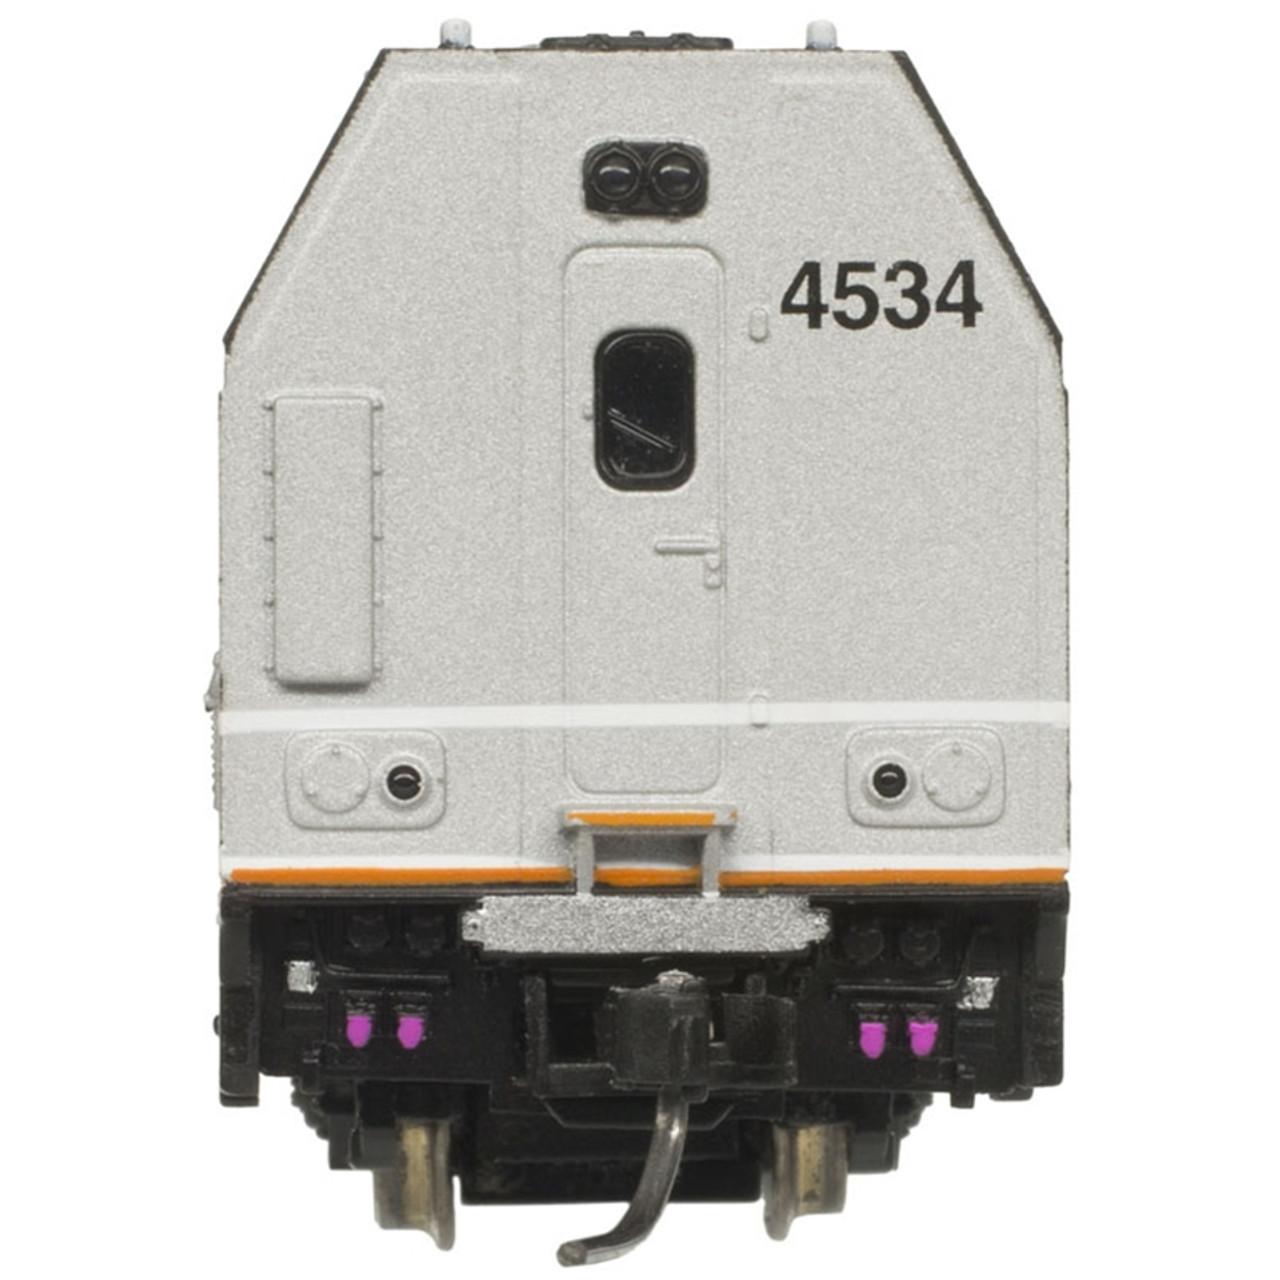 ATLAS 40004073 ALP-45DP - NJ Transit #4534 100th ALP Edition - Gold - DCC & Sound (SCALE=N) Part # 150-40004073